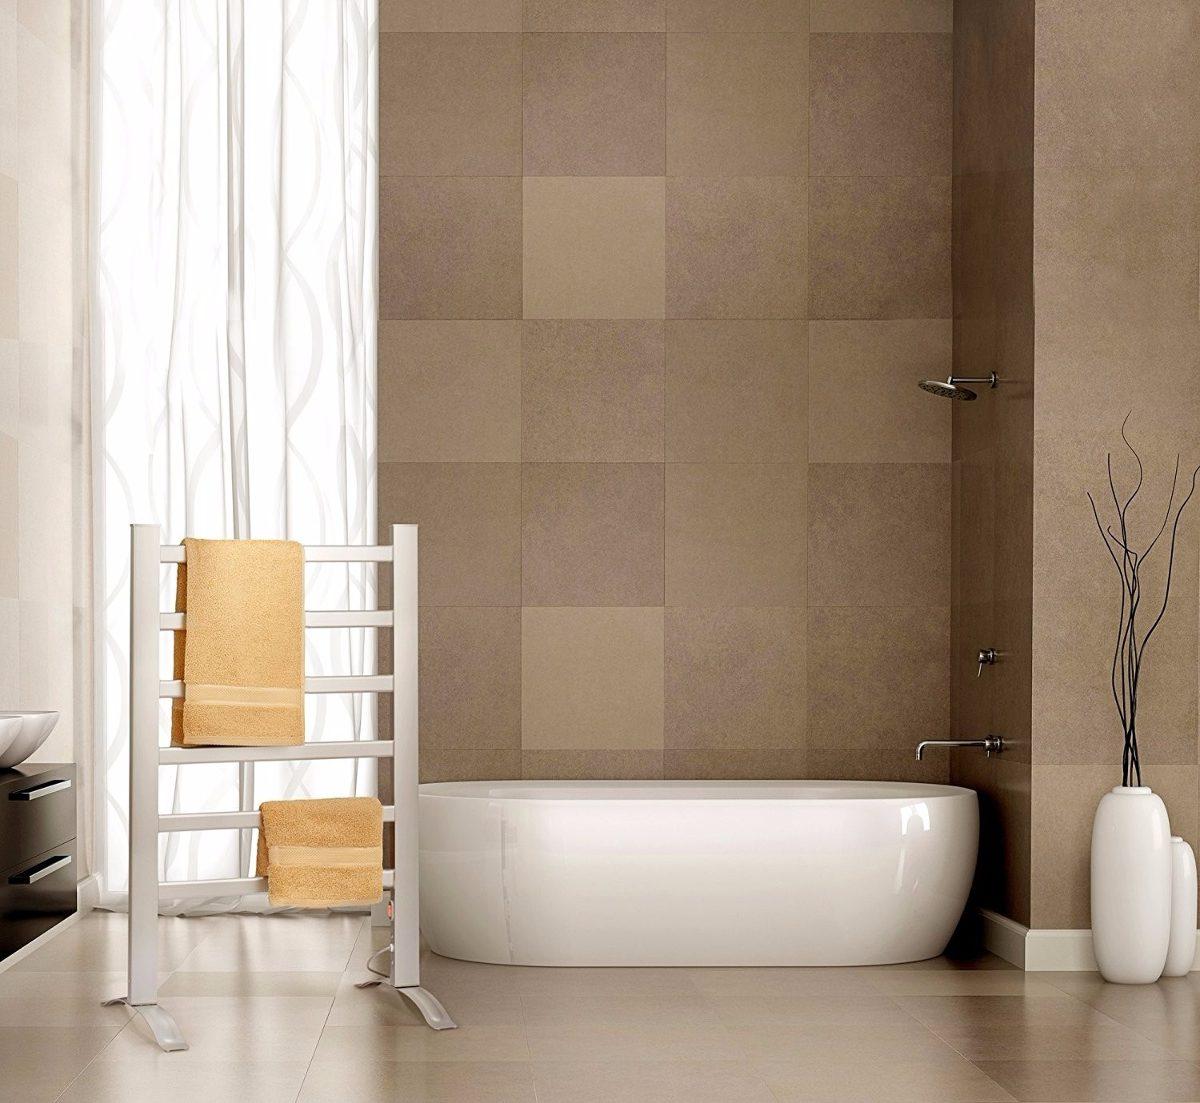 Calentador de toallas mantas toallero el ctrico ba o for Artefactos electricos para banos